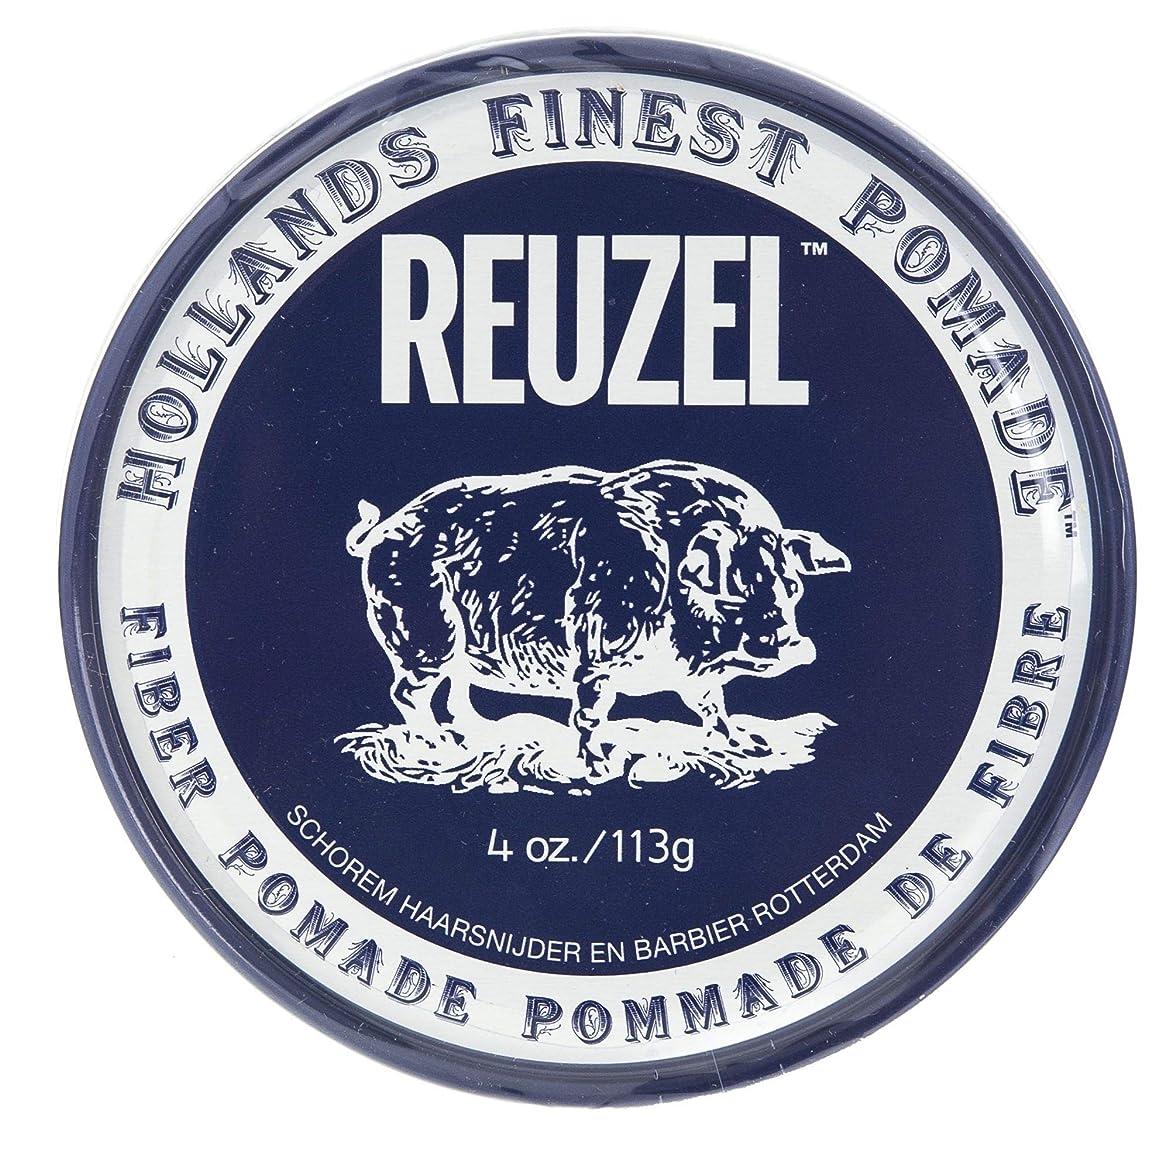 壮大なラベコジオスコルーゾー ネイビー ファイバー ポマード Reuzel Navy Fiber Pomade 113 g [並行輸入品]